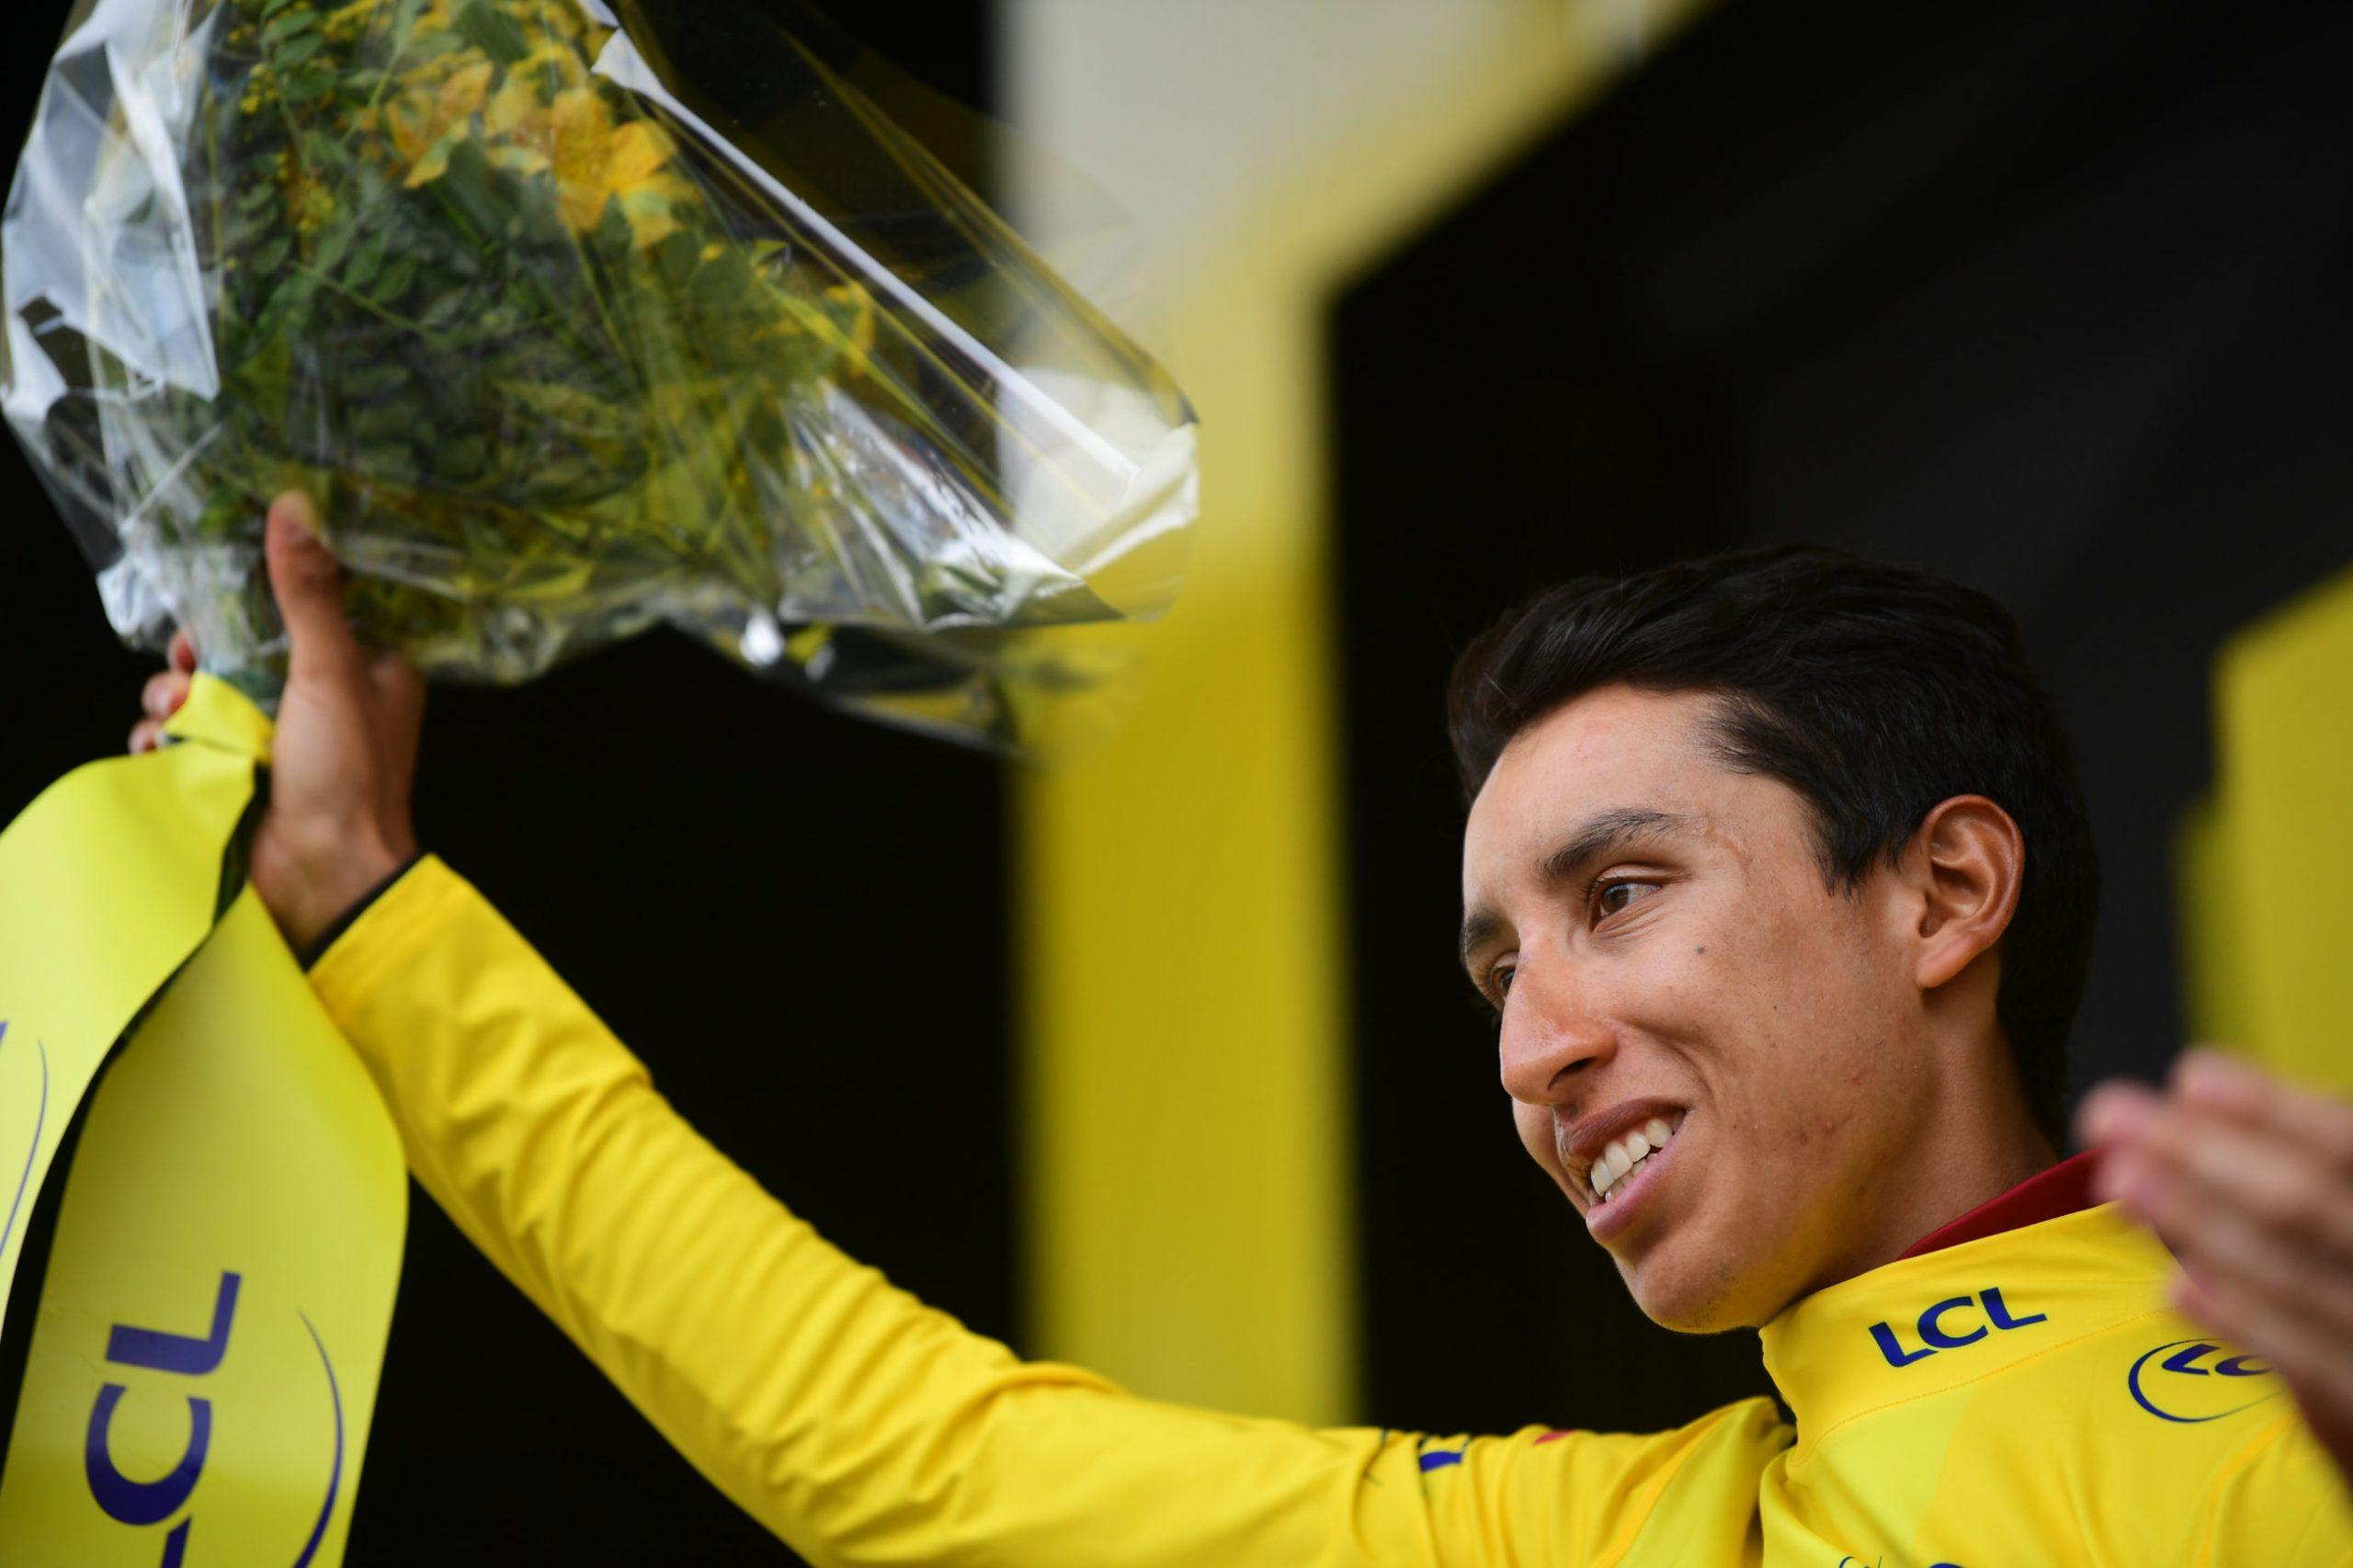 – Jordskredet avbrøt historisk prestasjon i Tour de France